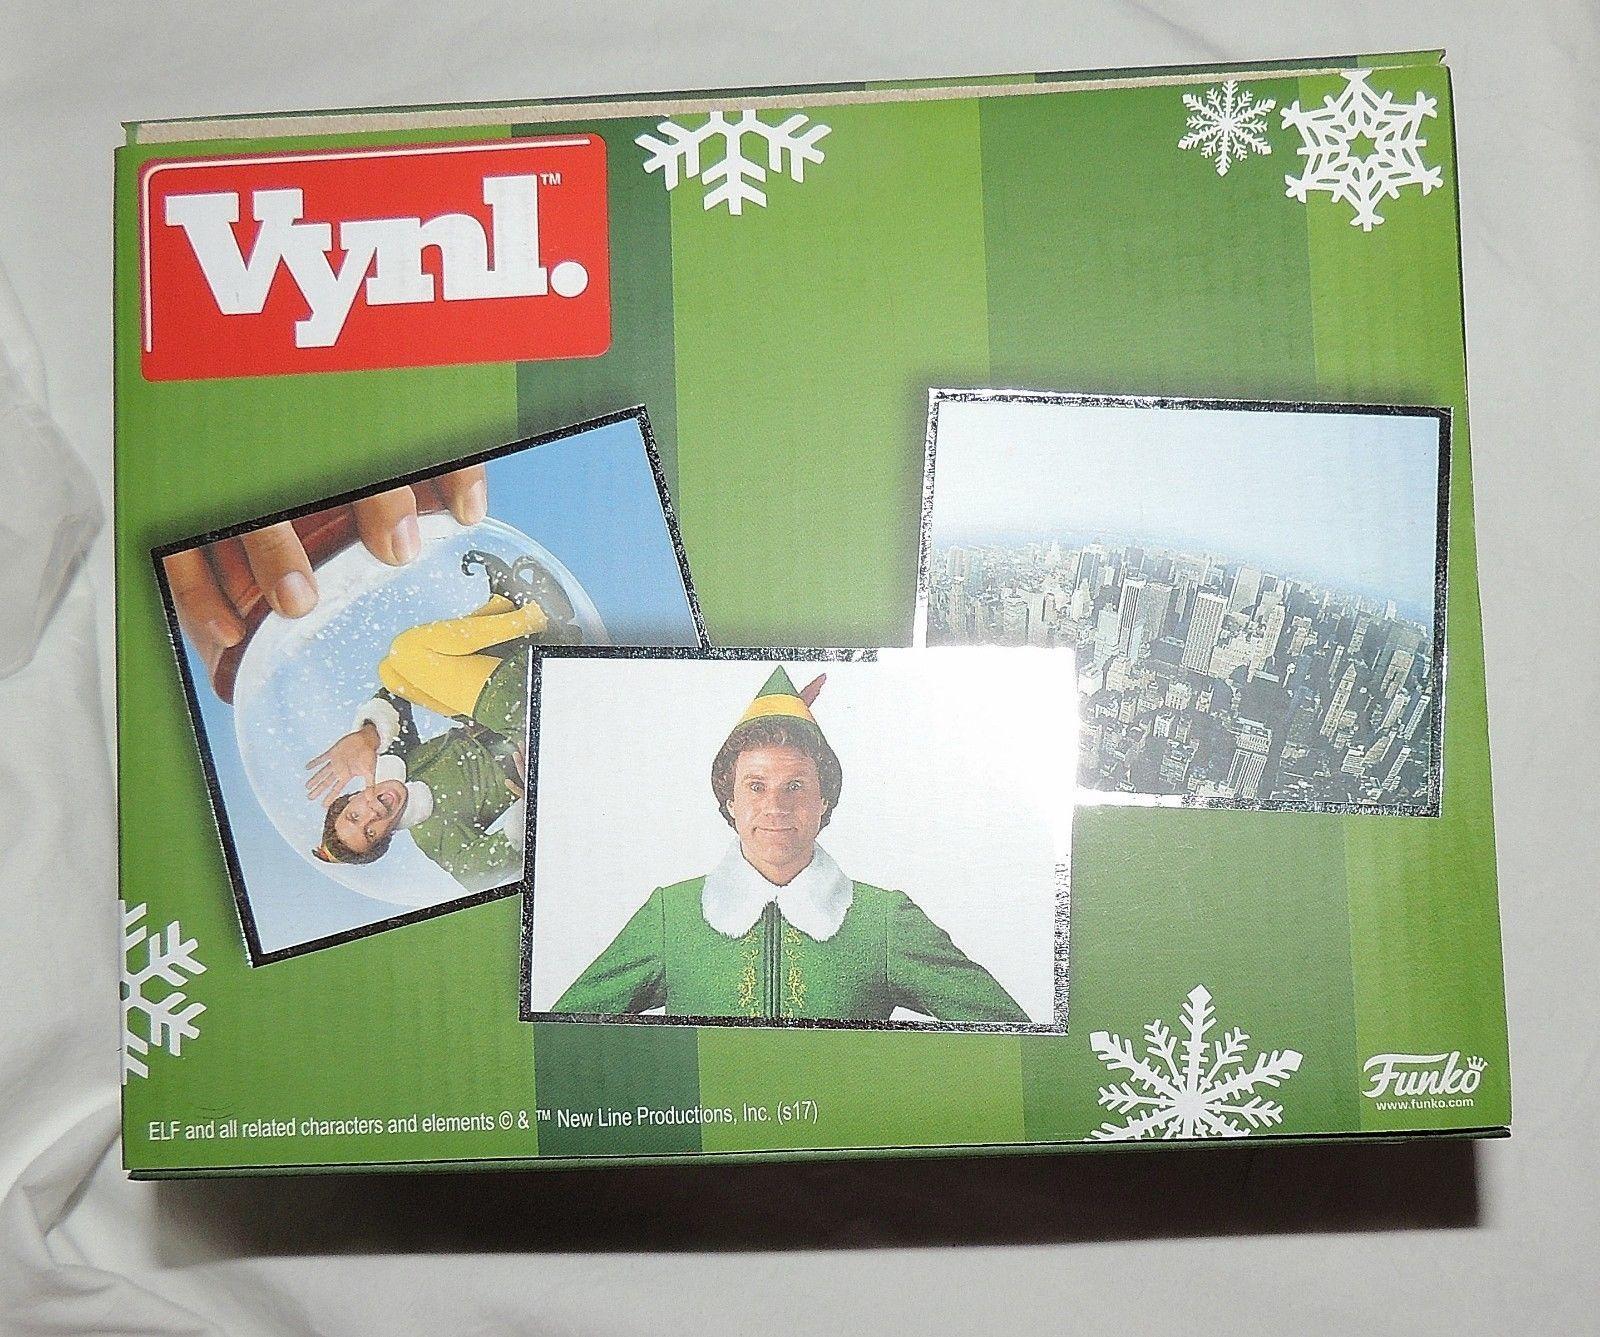 Nouveau Funko Elfe Pot Narwhal Vinyle de Collection Noël Vynl S Ferrell 2 Pièces